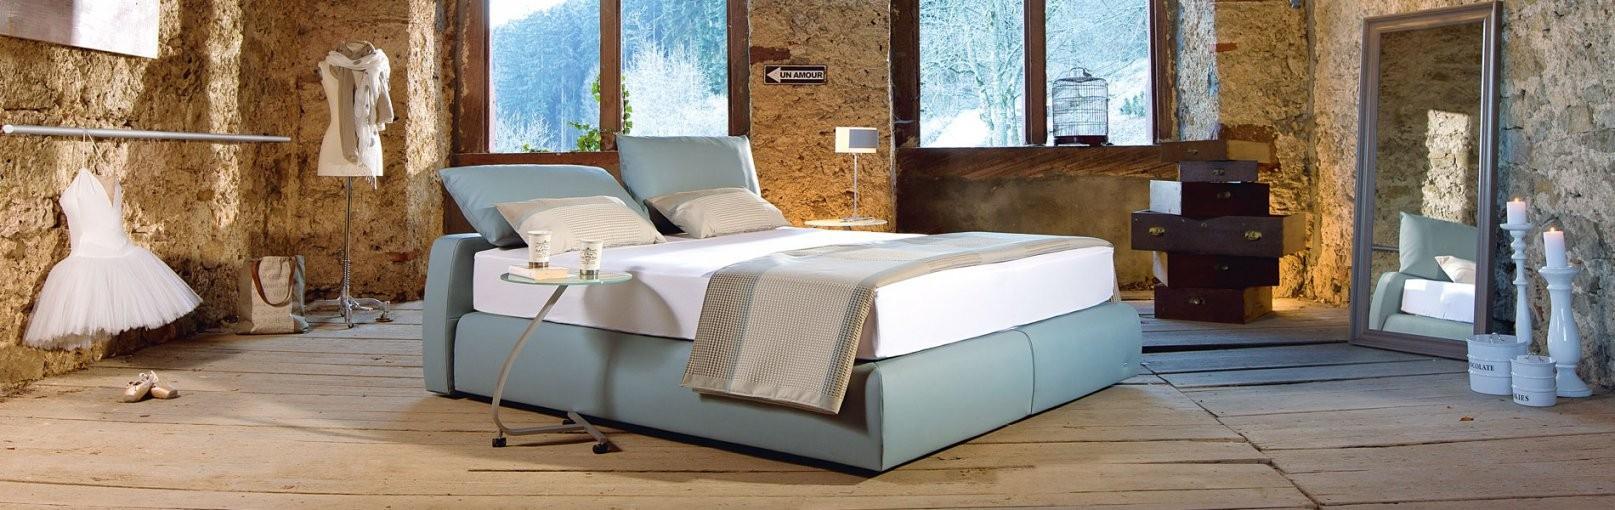 Ruf Bett Mit Bettkasten Groß Günstige Ruf Betten Matratzen Und von Ruf Polsterbetten Mit Bettkasten Bild